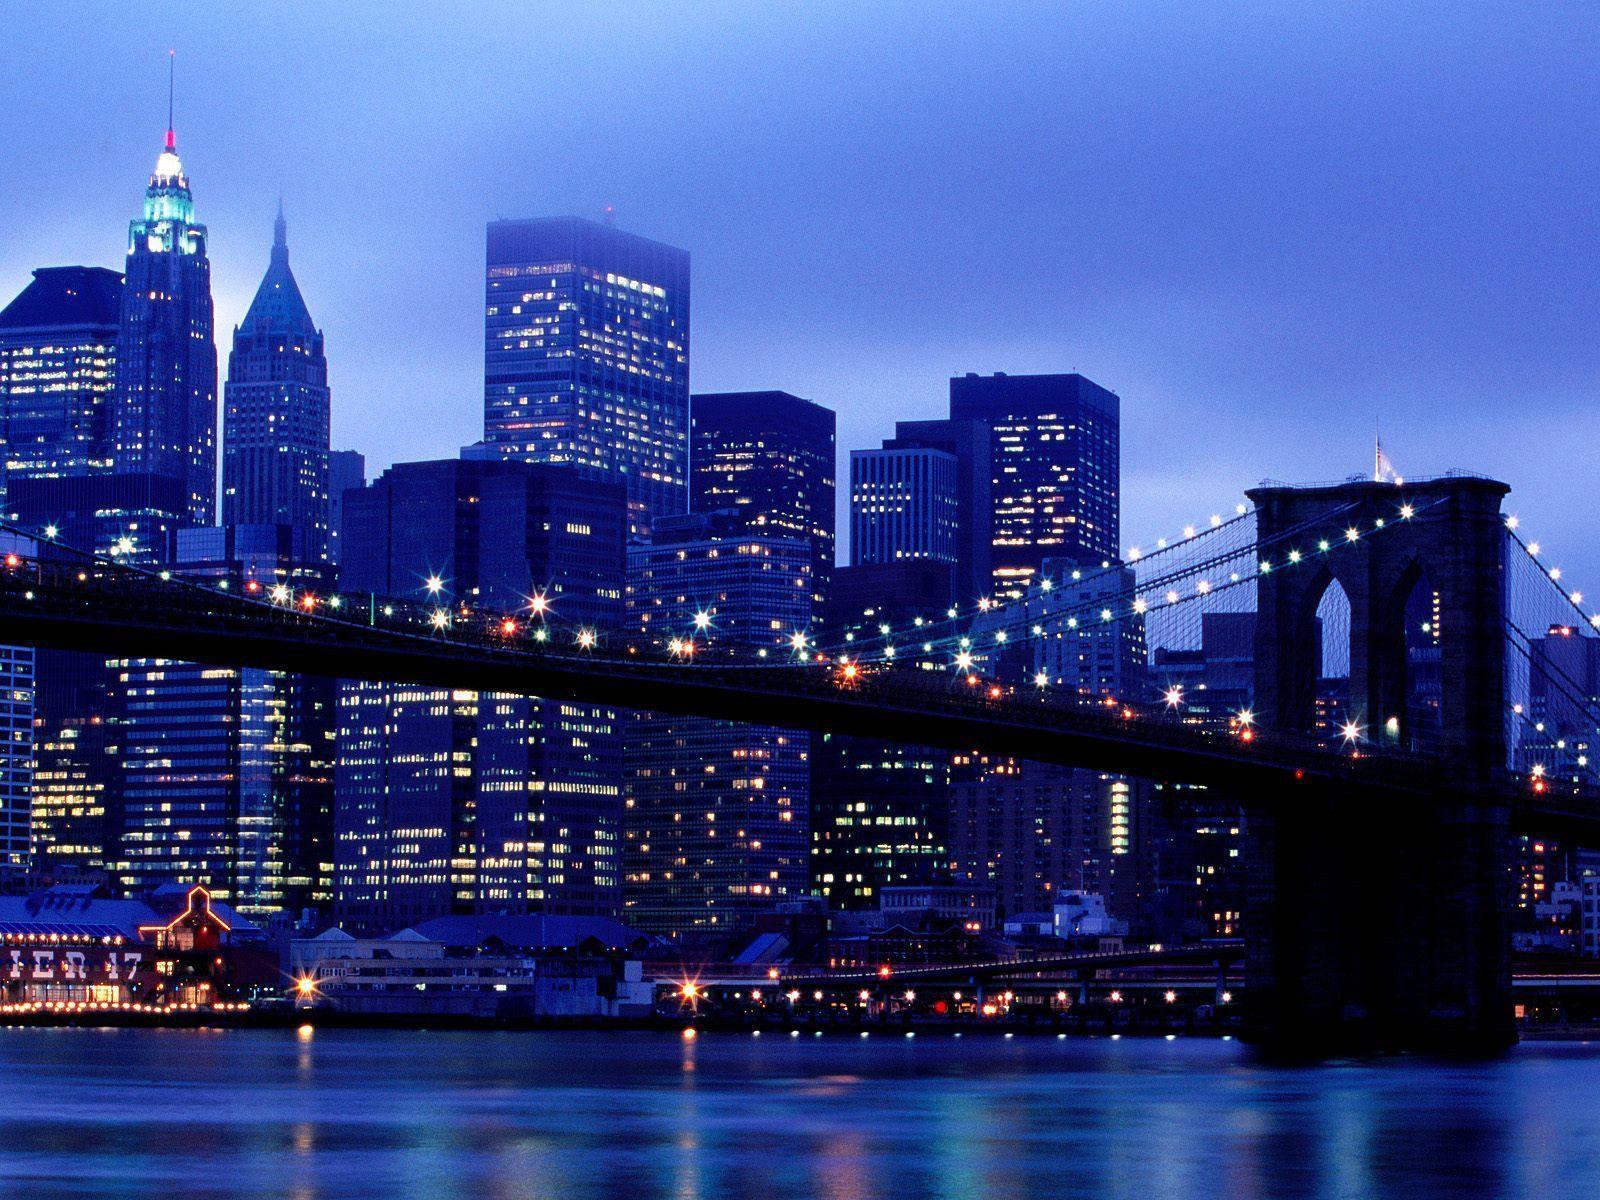 Best Wallpaper Night Brooklyn Bridge - gxnCbNx  2018.jpg